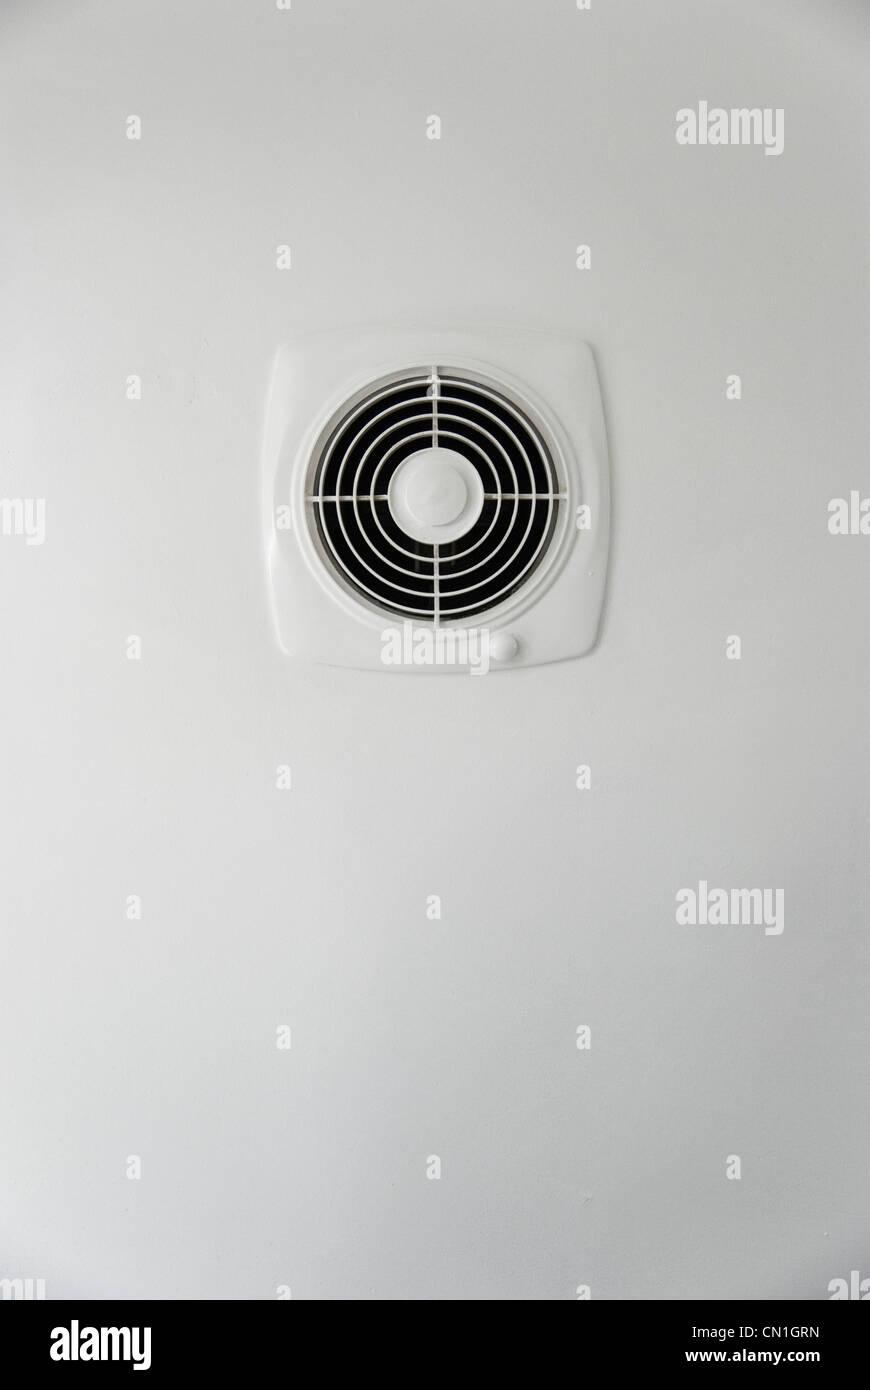 Superieur Küche Abluftventilator Auf Weißen Wand